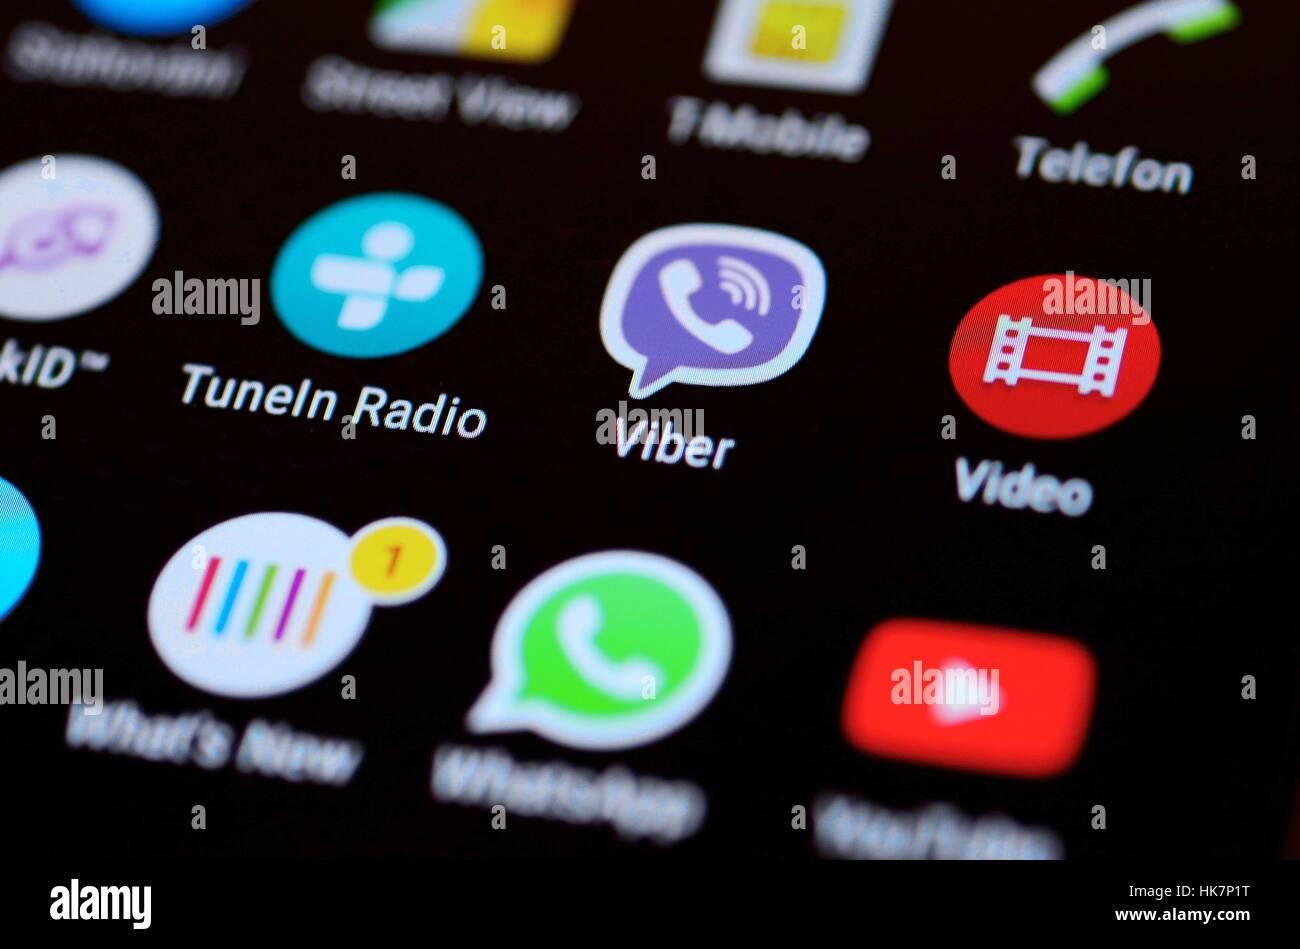 Pantalla de teléfono móvil con los iconos de las aplicaciones de Android. Imagen De Stock